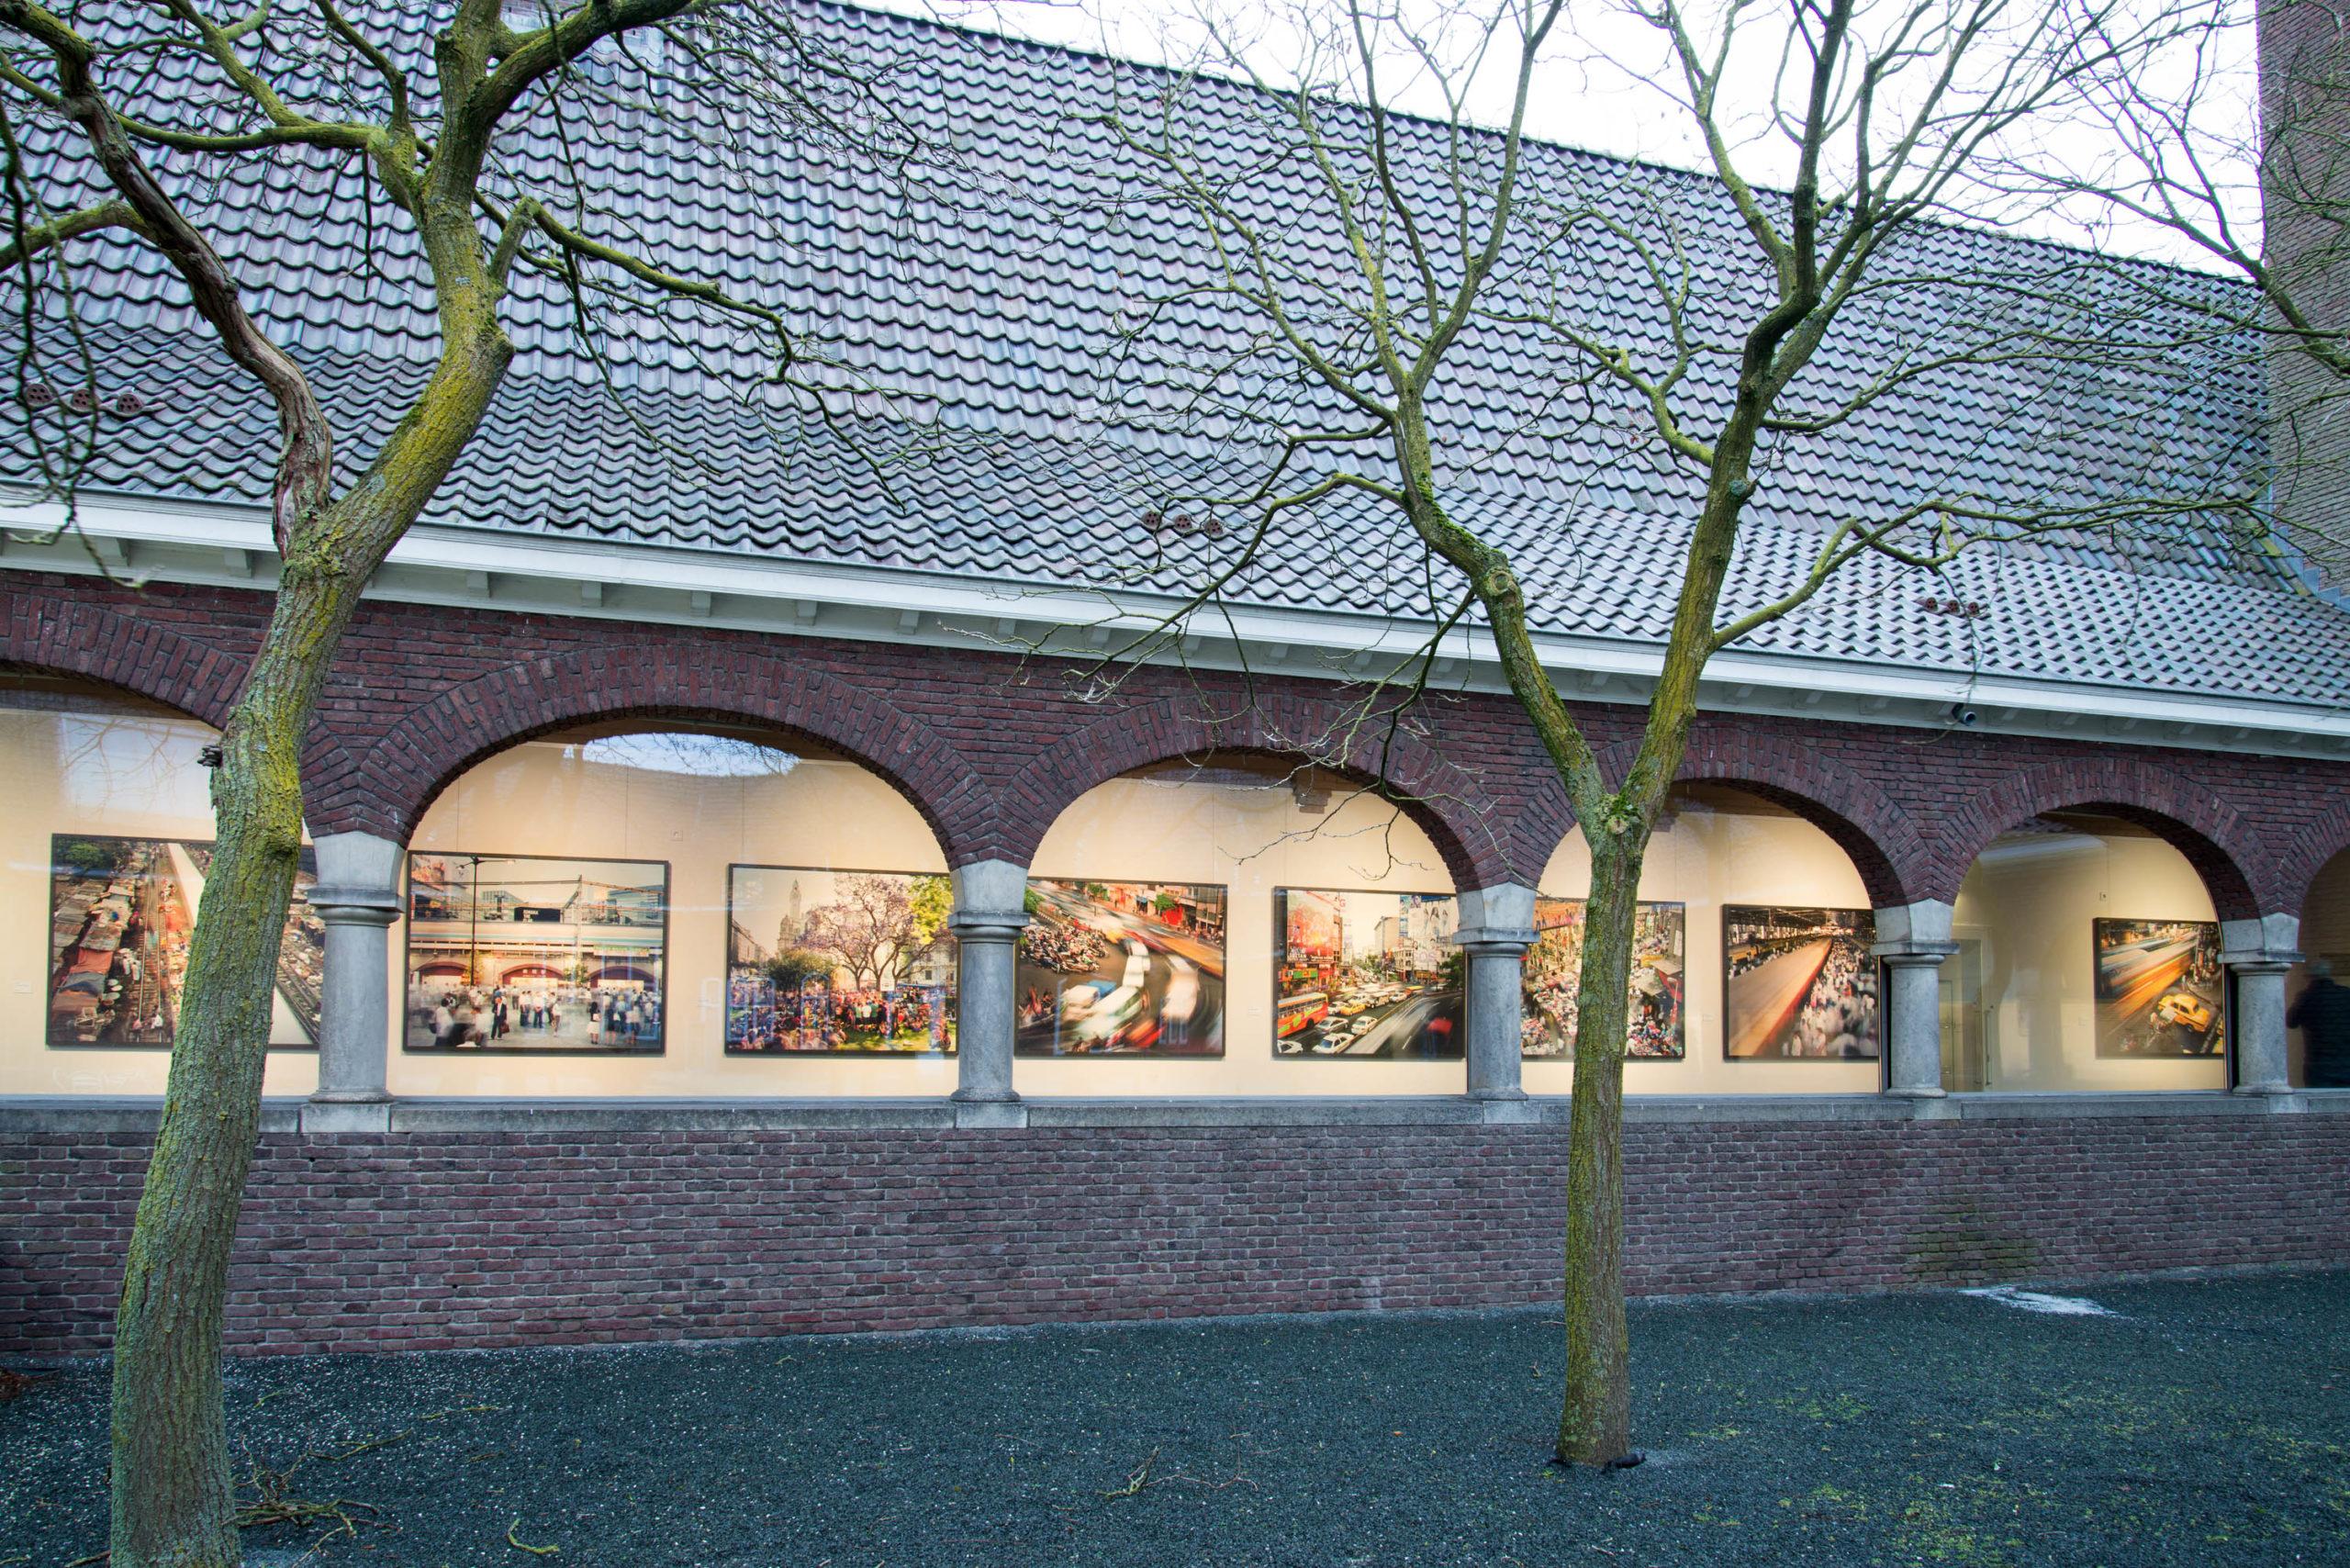 Rijksmuseum Twenthe, Enschede, Netherlands